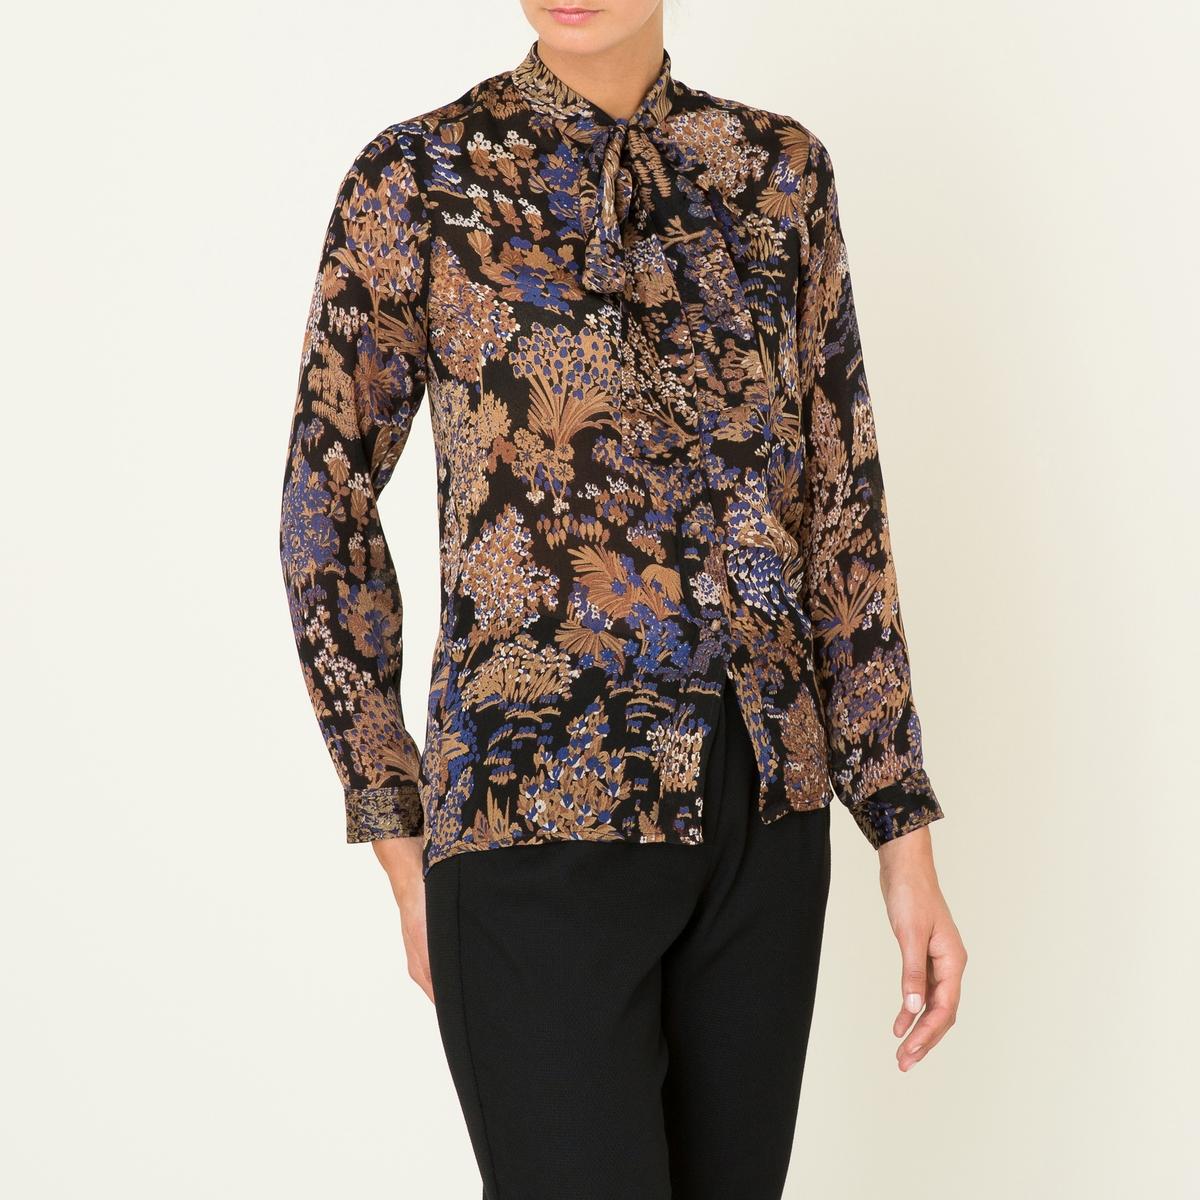 Рубашка женская TORMINAРубашка MES DEMOISELLES, модель TORMINA. Из шелка. Закругленный вырез с завязками . Длинные рукава на пуговицах . Застежка на пуговицы. Сплошной цветочный рисунок. Легкий и струящийся покрой .Состав &amp; Детали Материал : 100% шелк Марка : MES DEMOISELLES<br><br>Цвет: черный